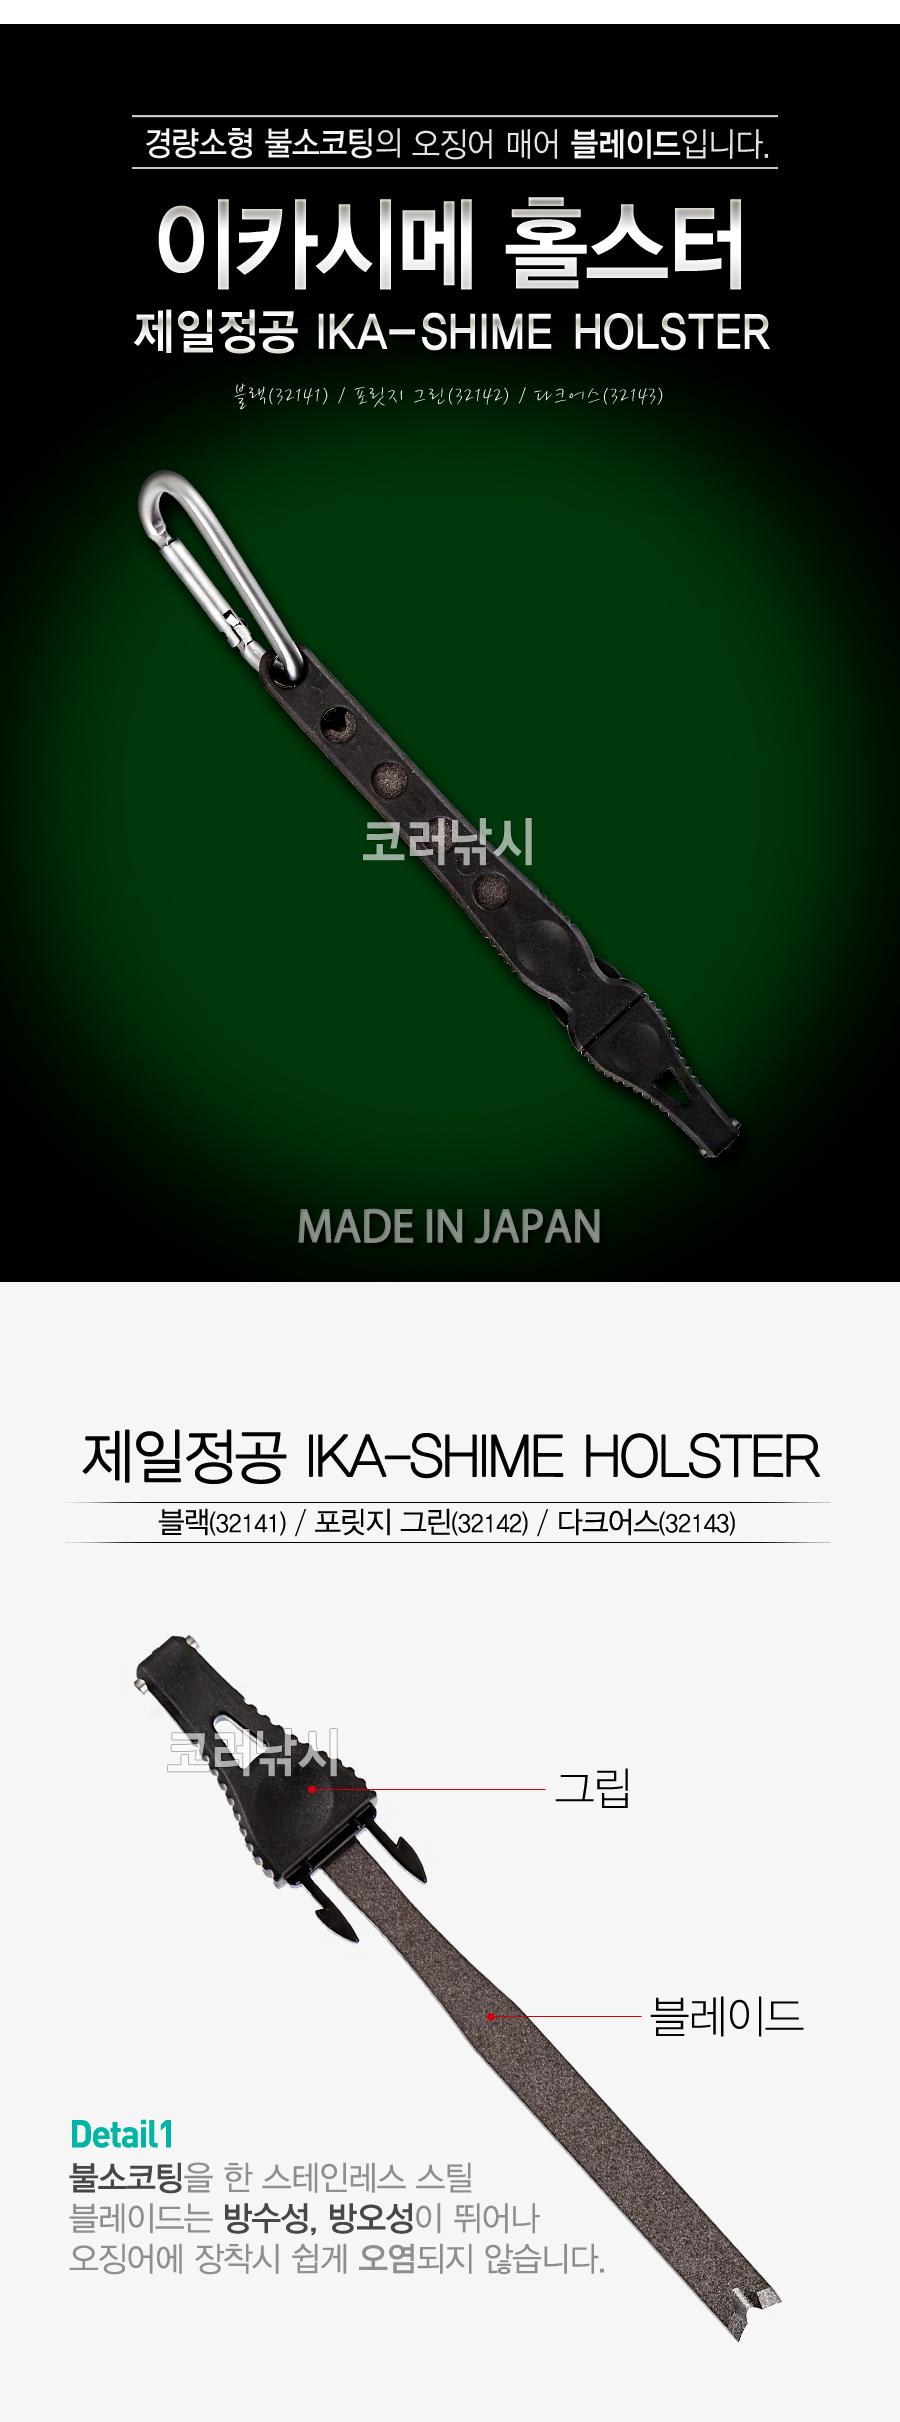 제일정공 IKA-SHIME HOLSTER 이카시메홀스터 무늬오징어시메 두족류시메 블레이드 홀스터